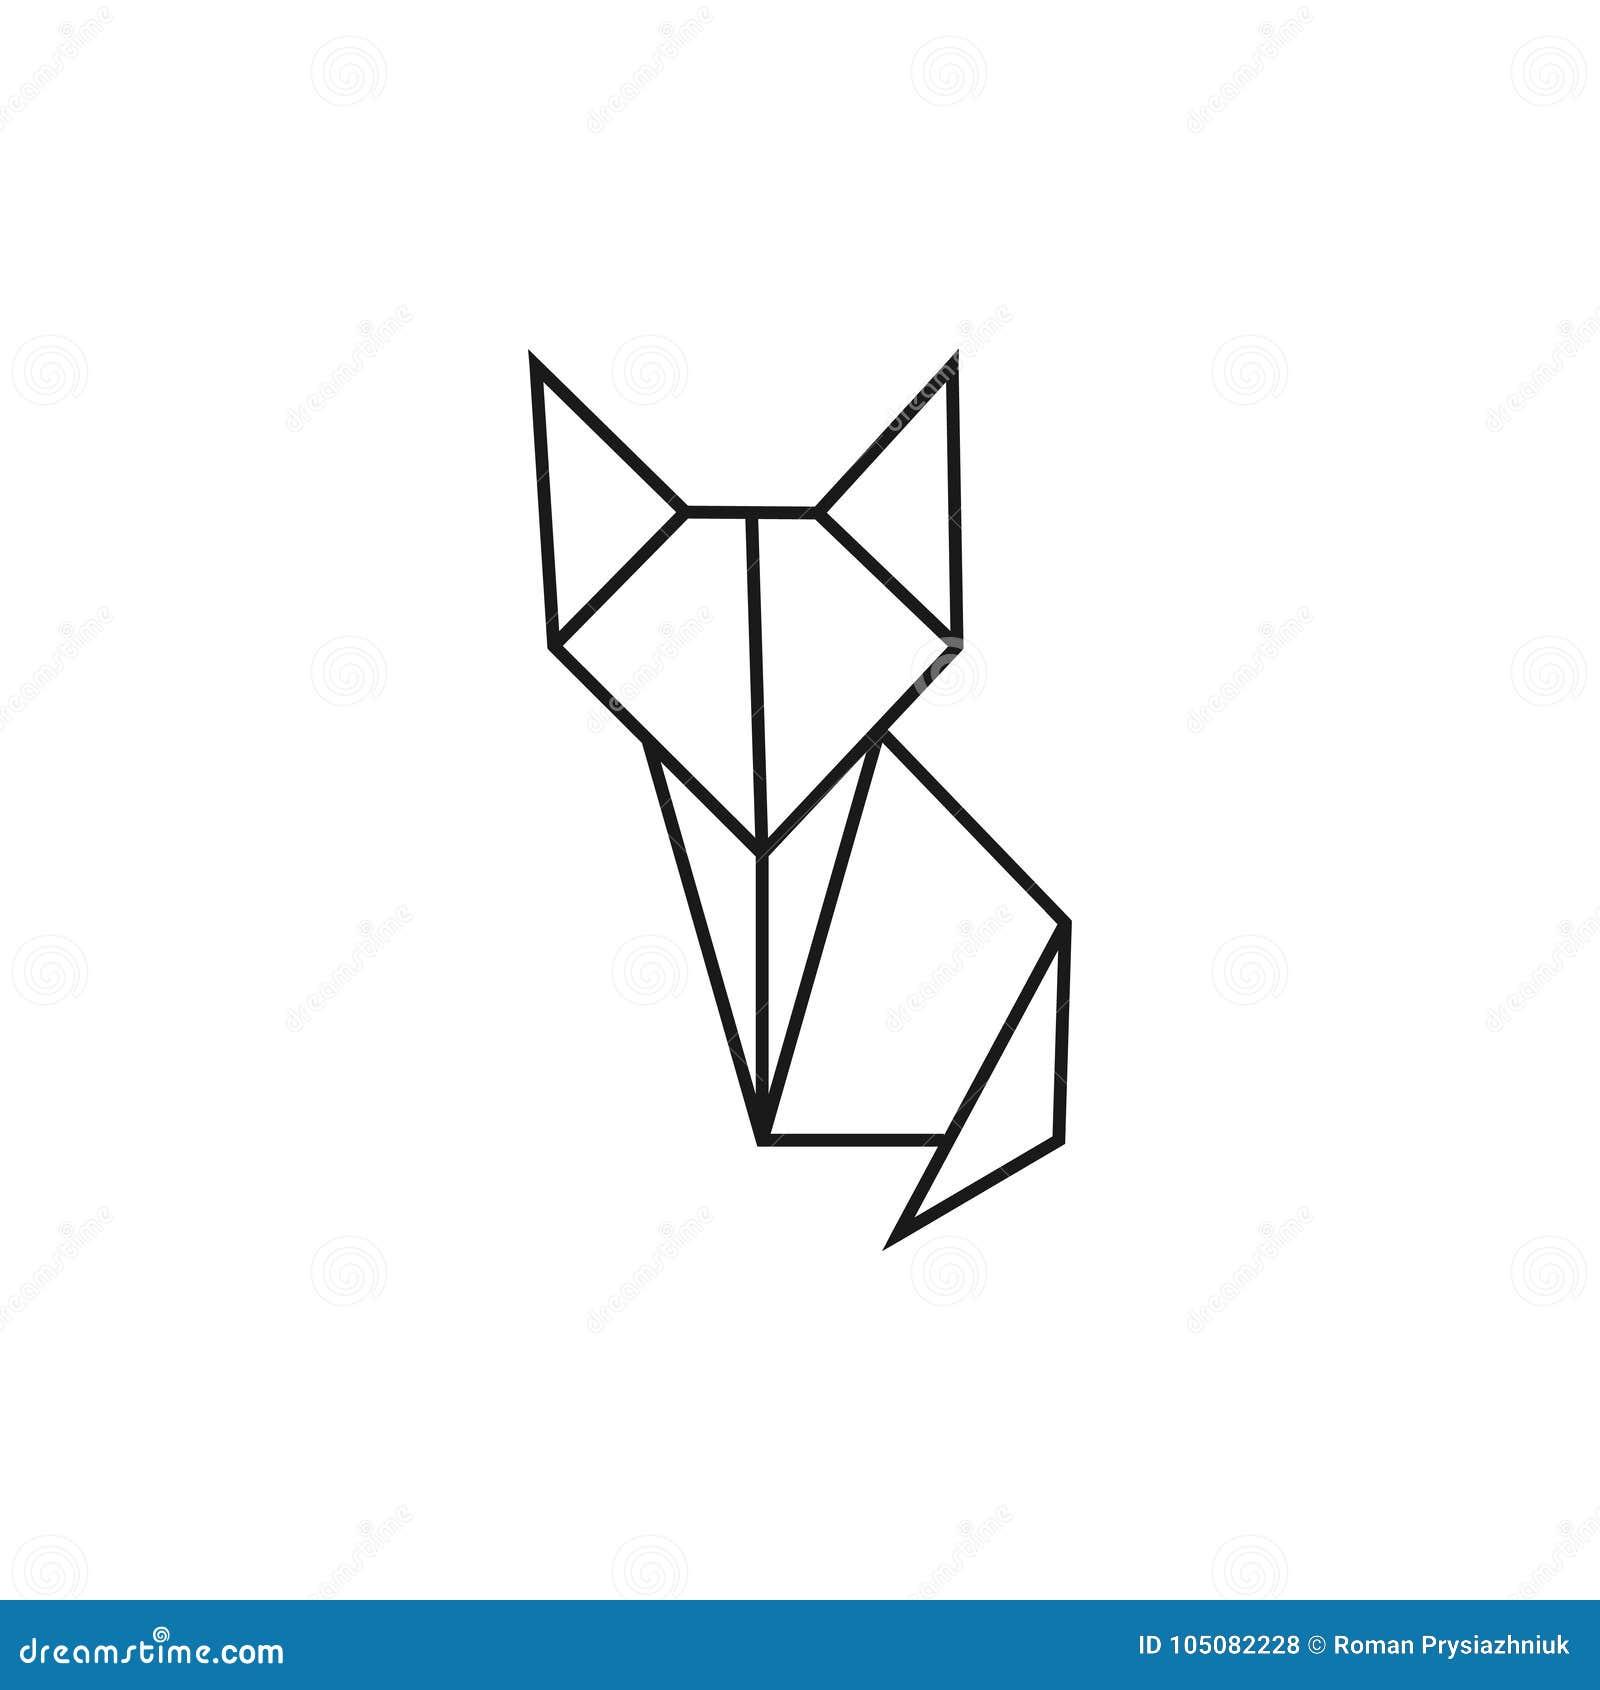 Origami Kot Geometryczny Kreskowy Kształt Dla Sztuki Fałdowy Papier